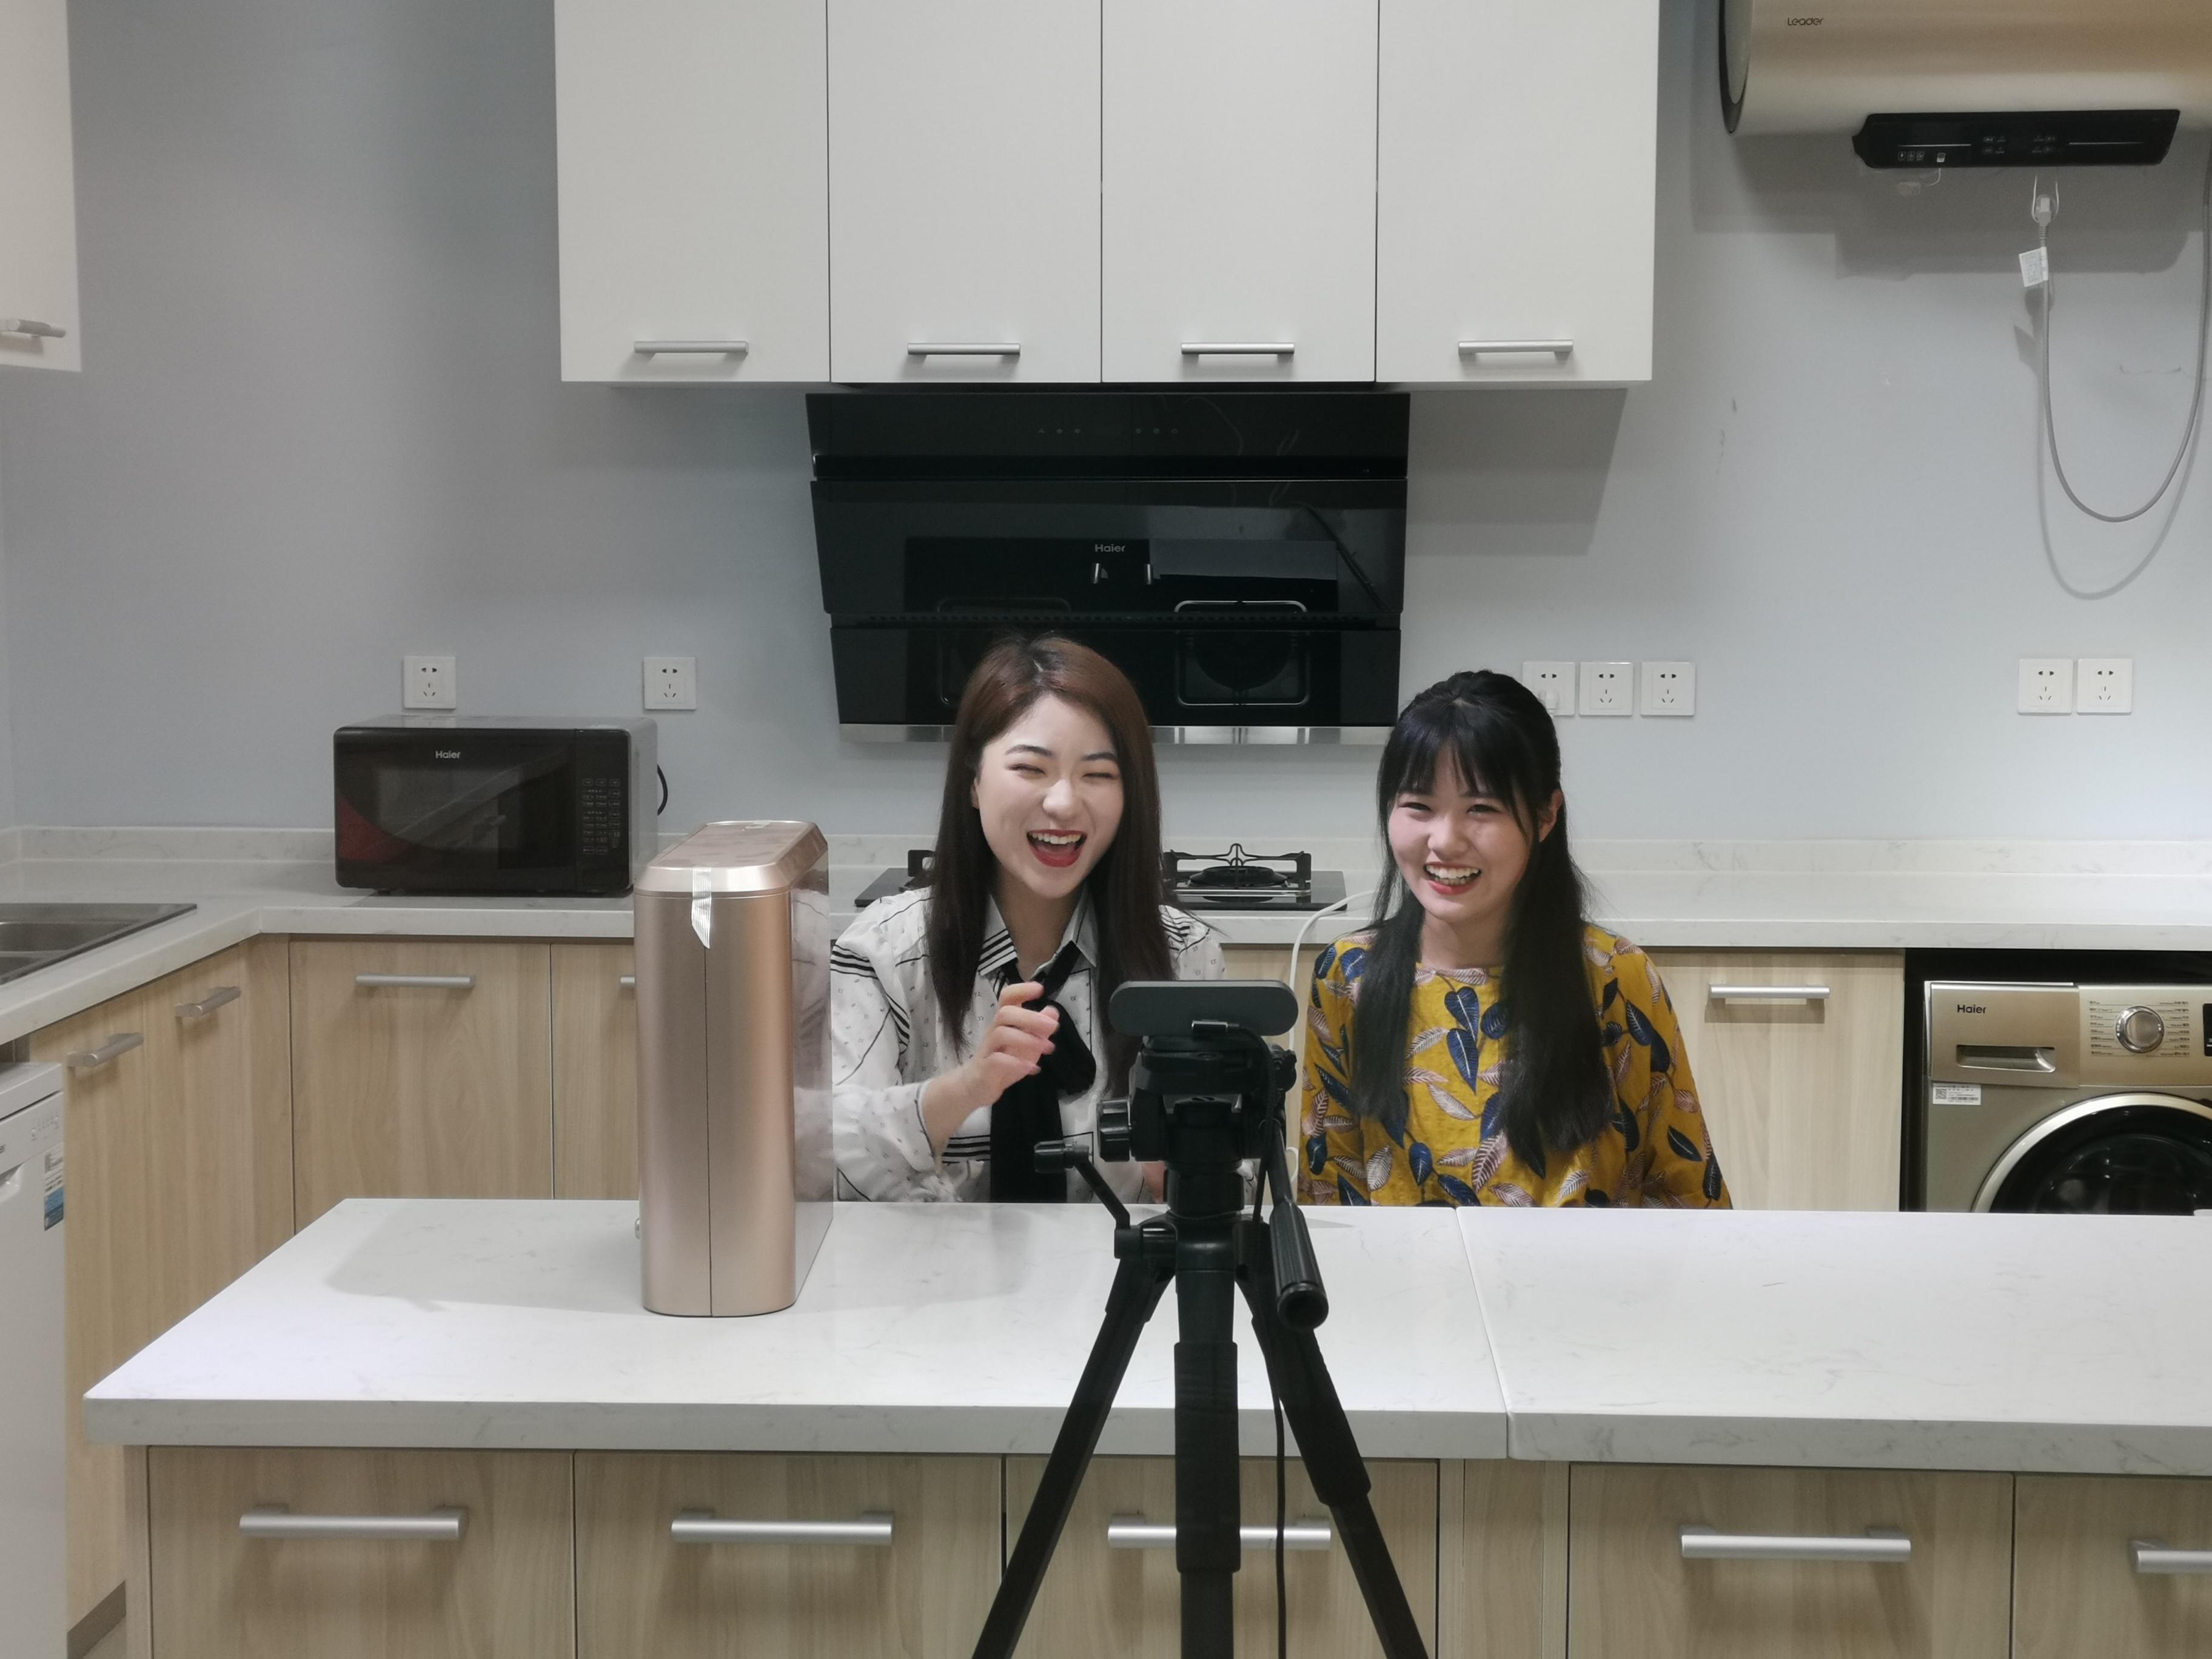 直播带货,短视频制作……青岛城校电商专业现在这么学!